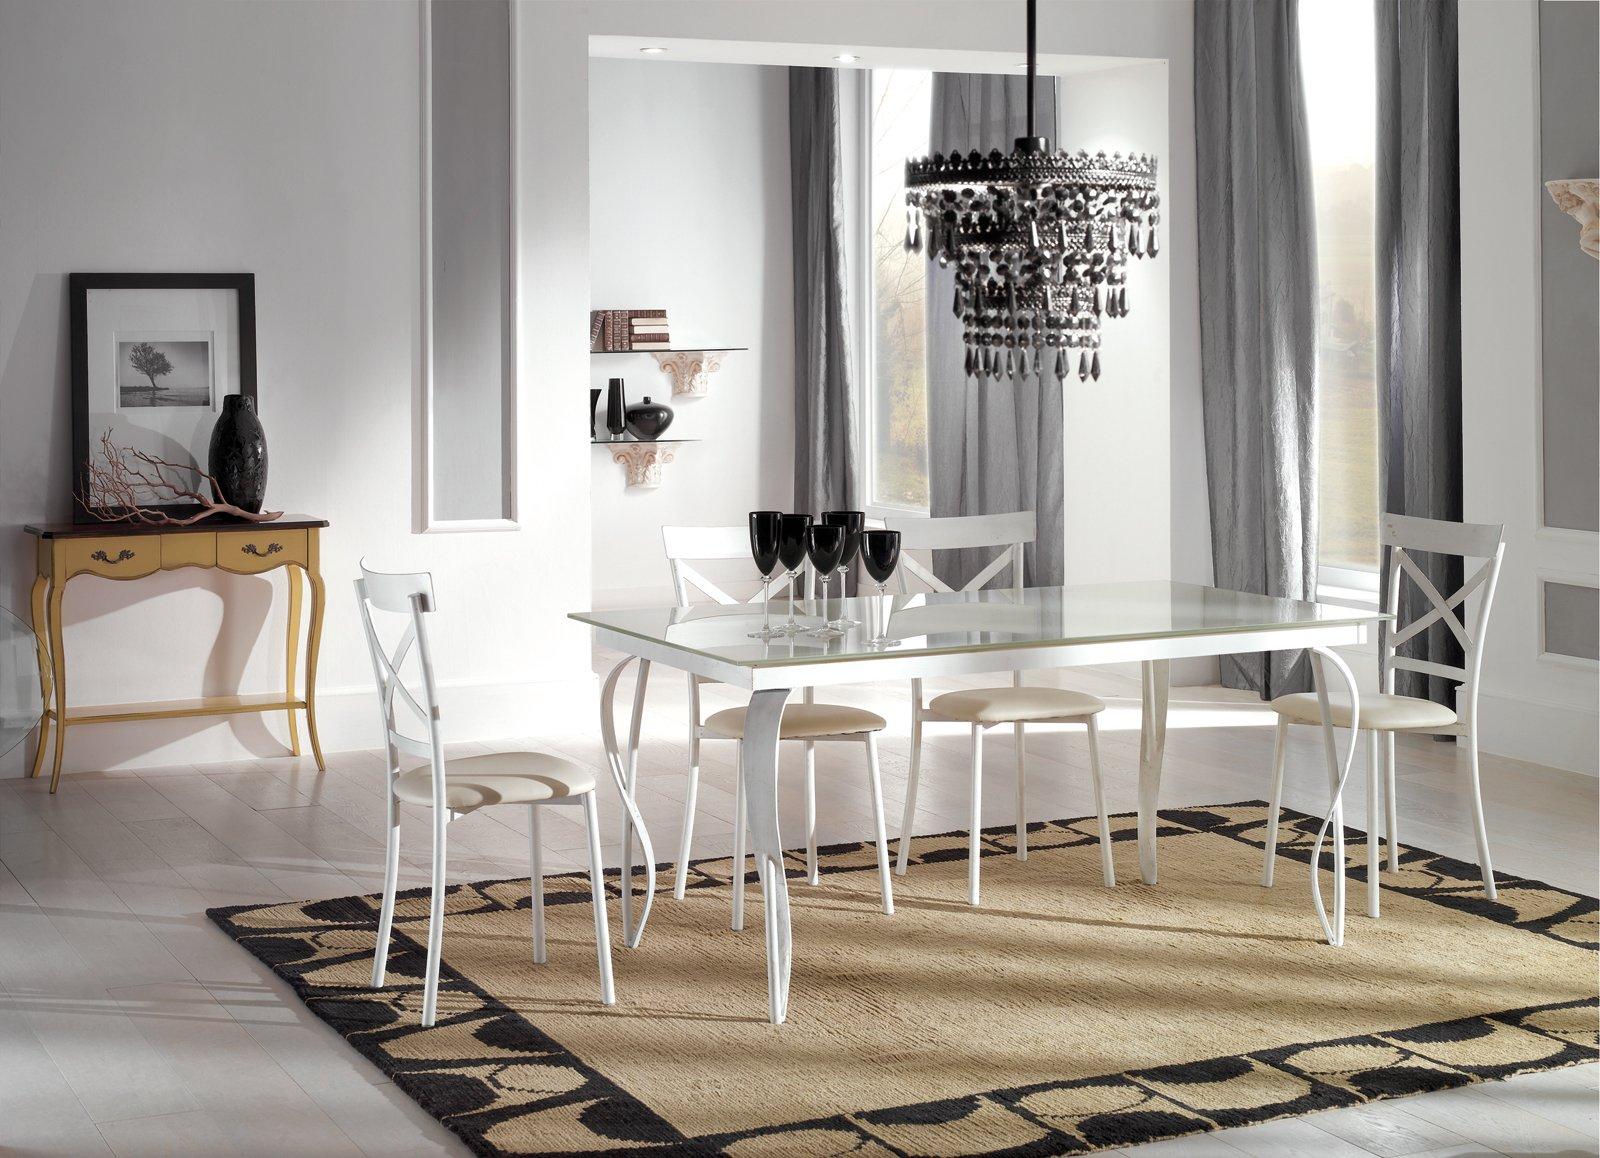 Tavolo in cristallo tutte le offerte cascare a fagiolo for Tavoli pranzo cristallo